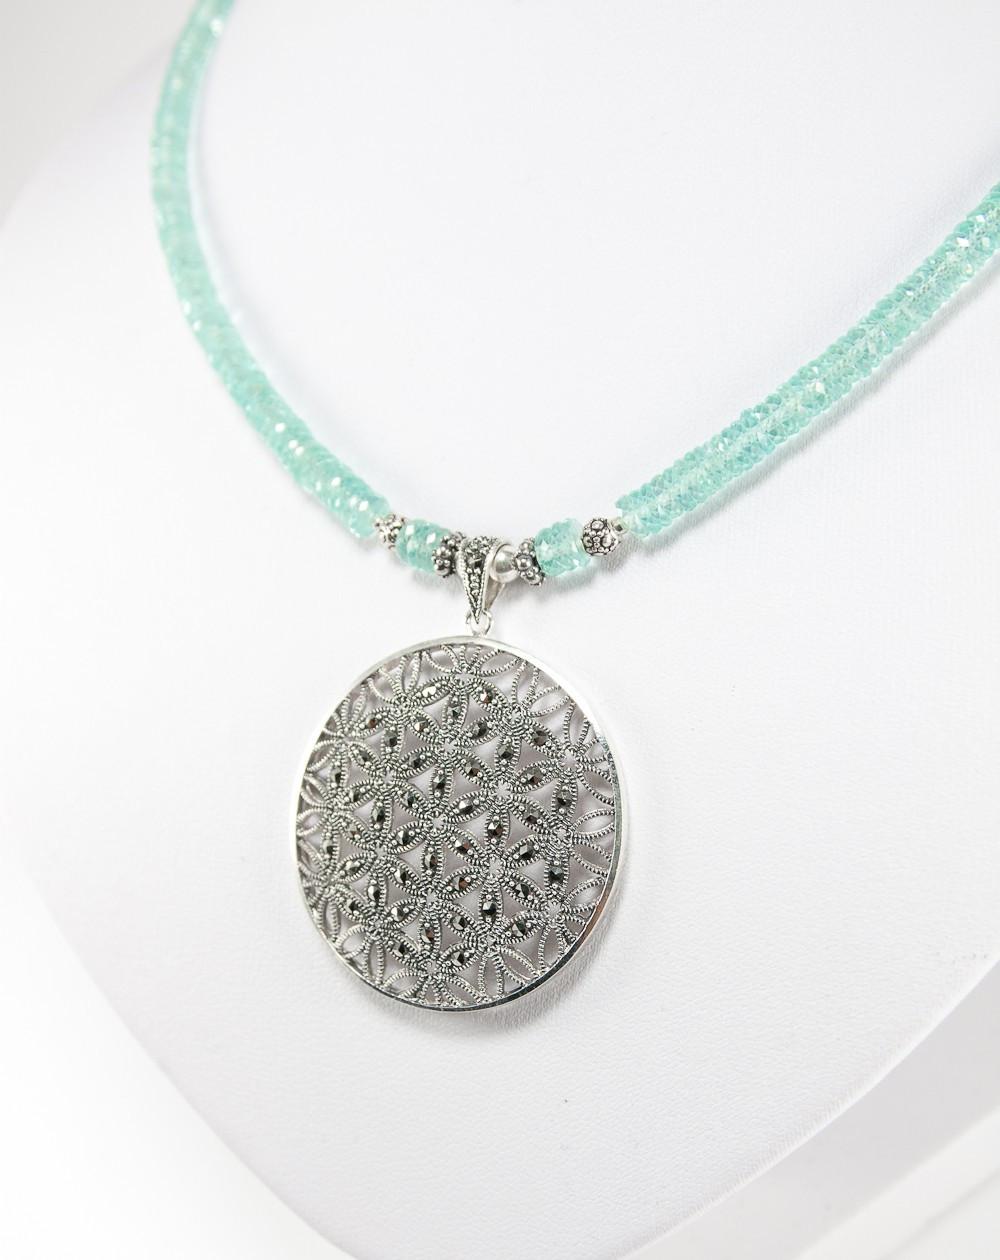 Collier en Apatite, médaillon en argent et marcassite, bijouterie artisanal a Bayonne